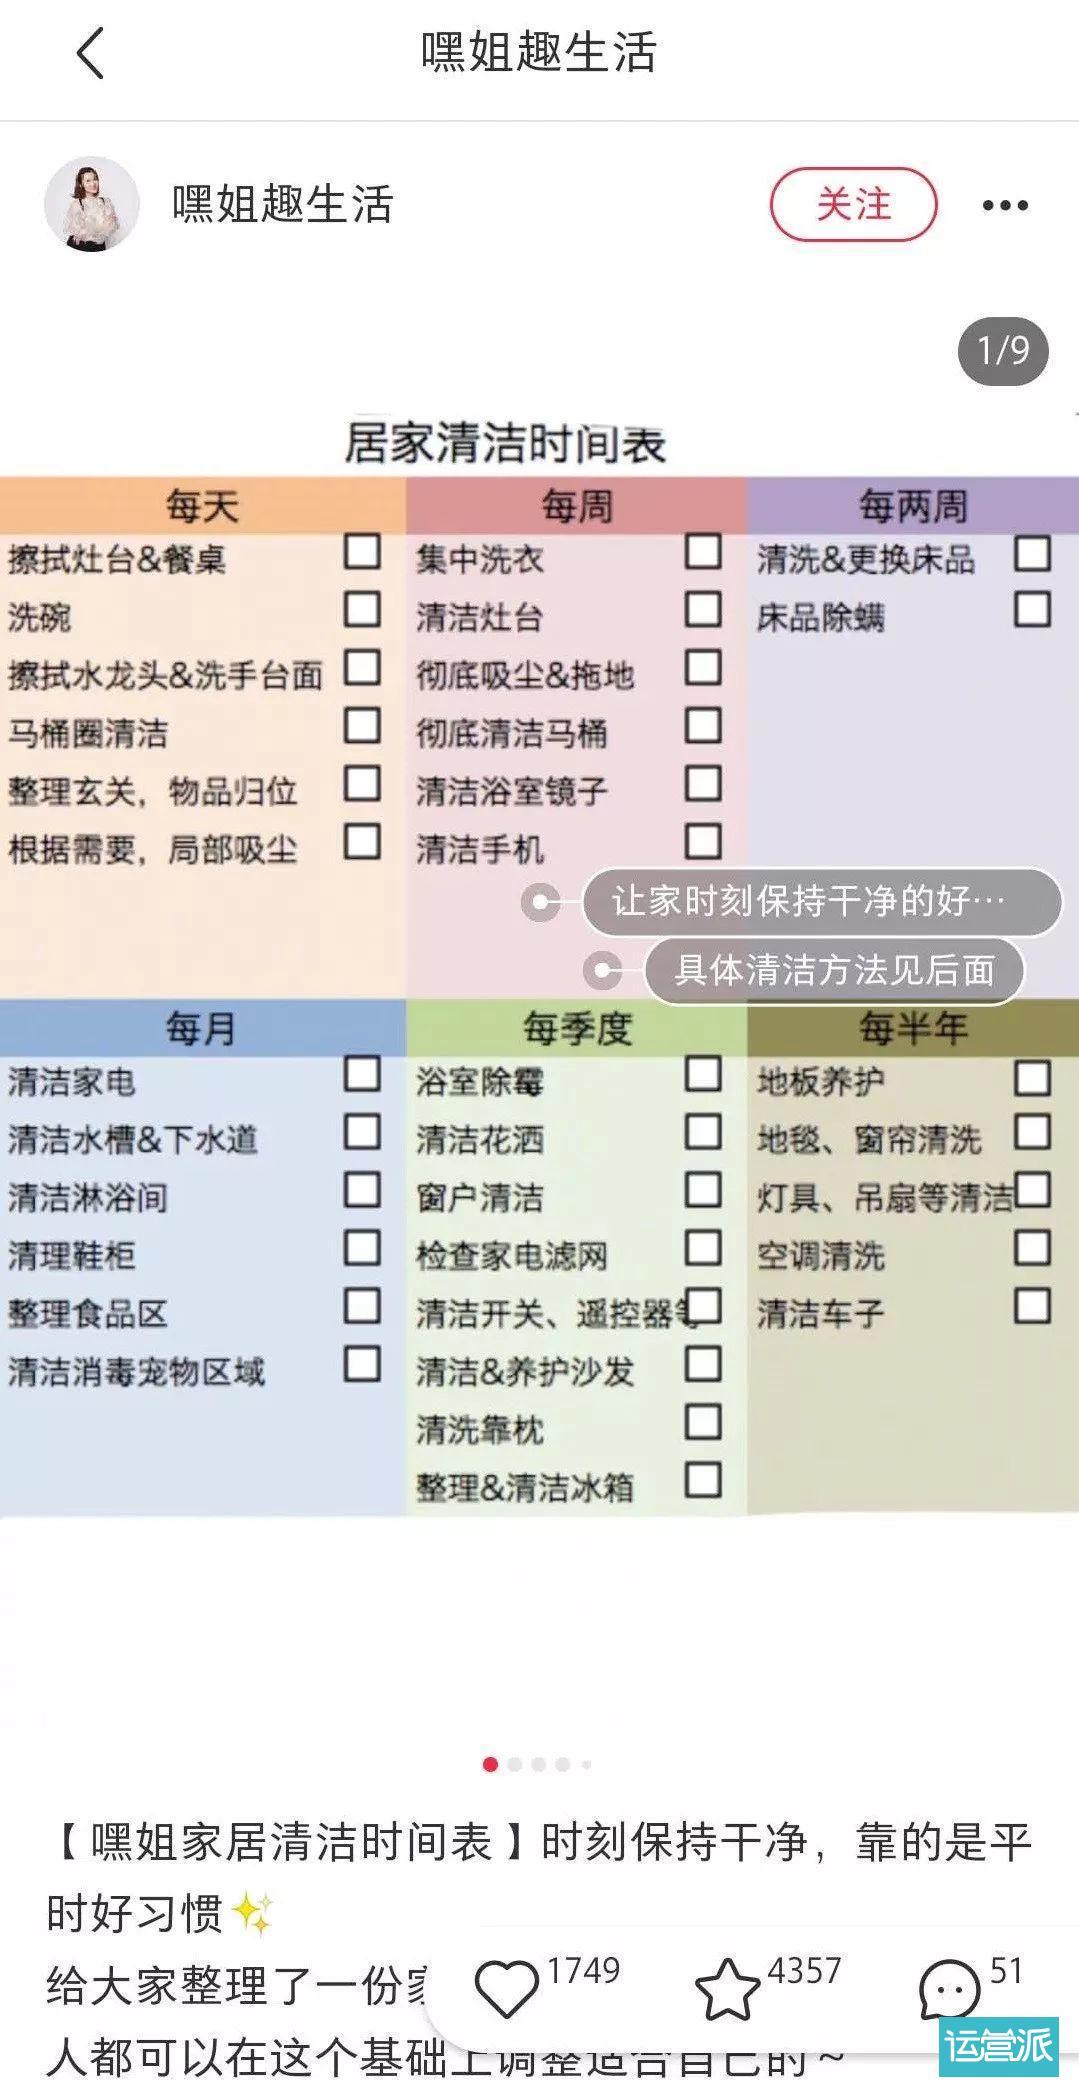 小红书入门操作手册:如何用图?有哪些雷区?这里有8点经验技巧